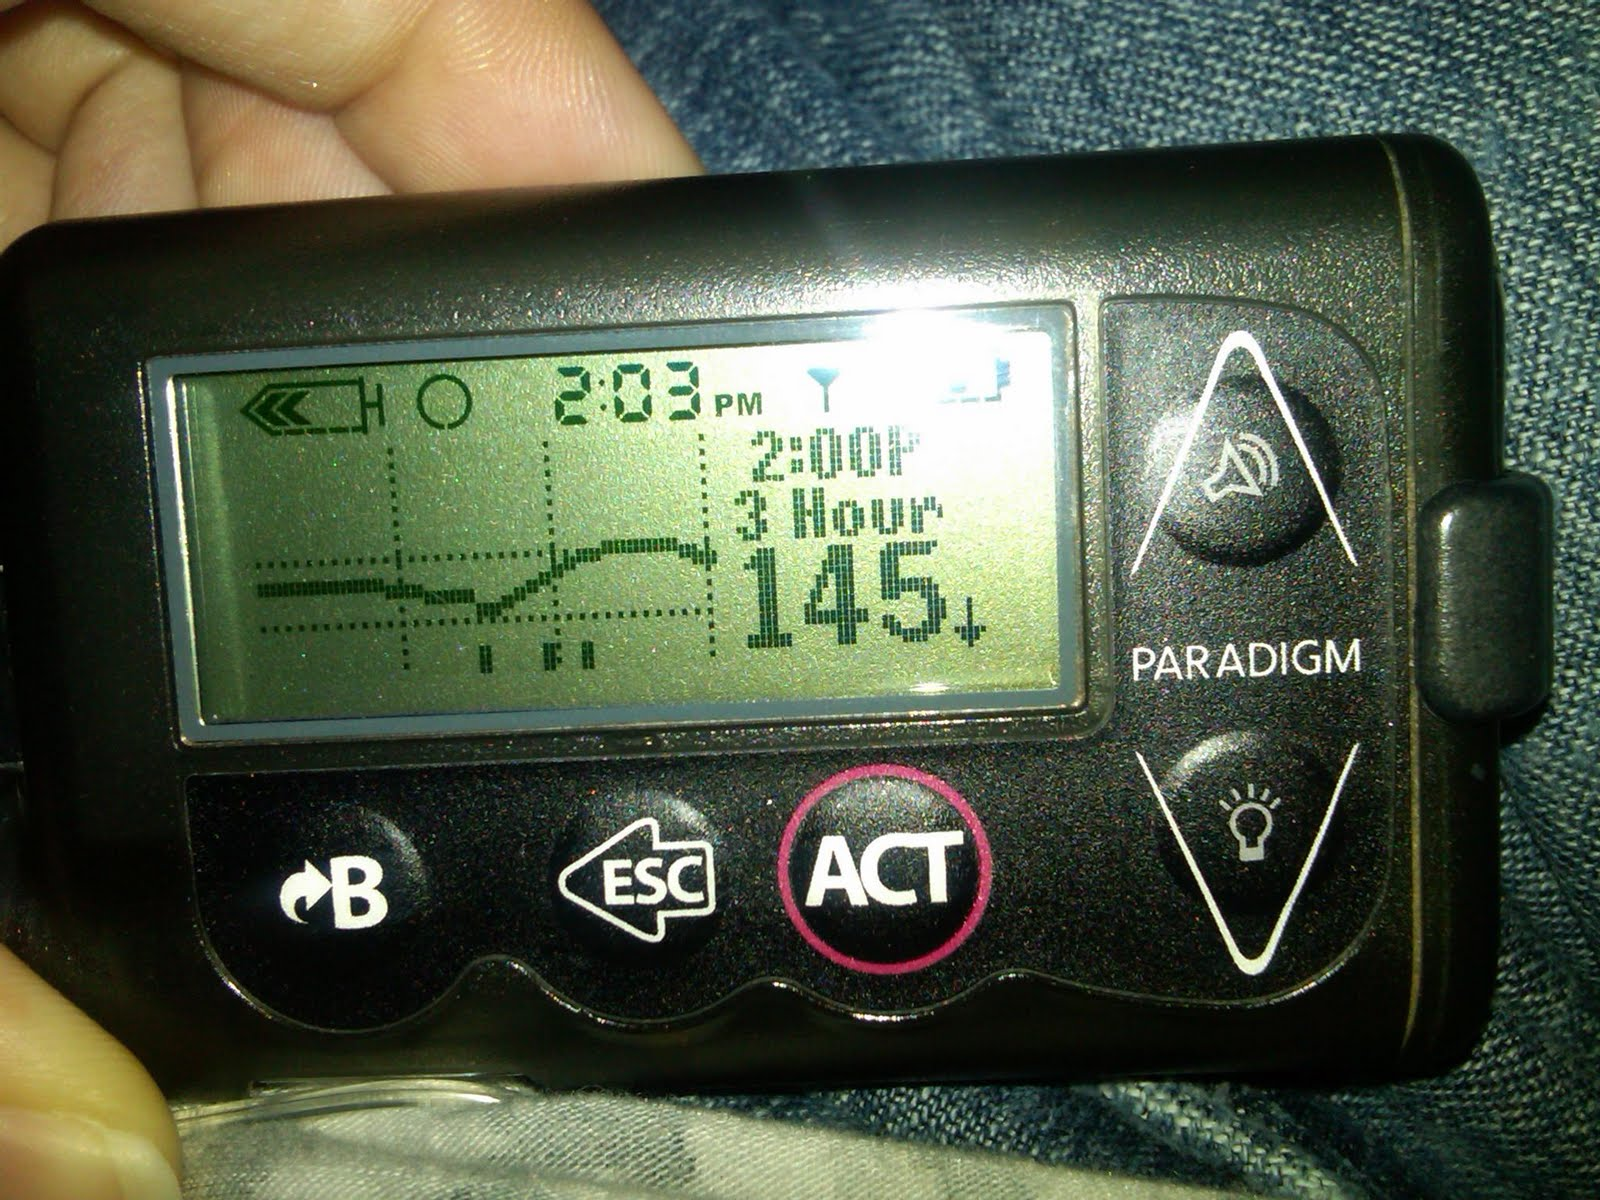 pzi insulin